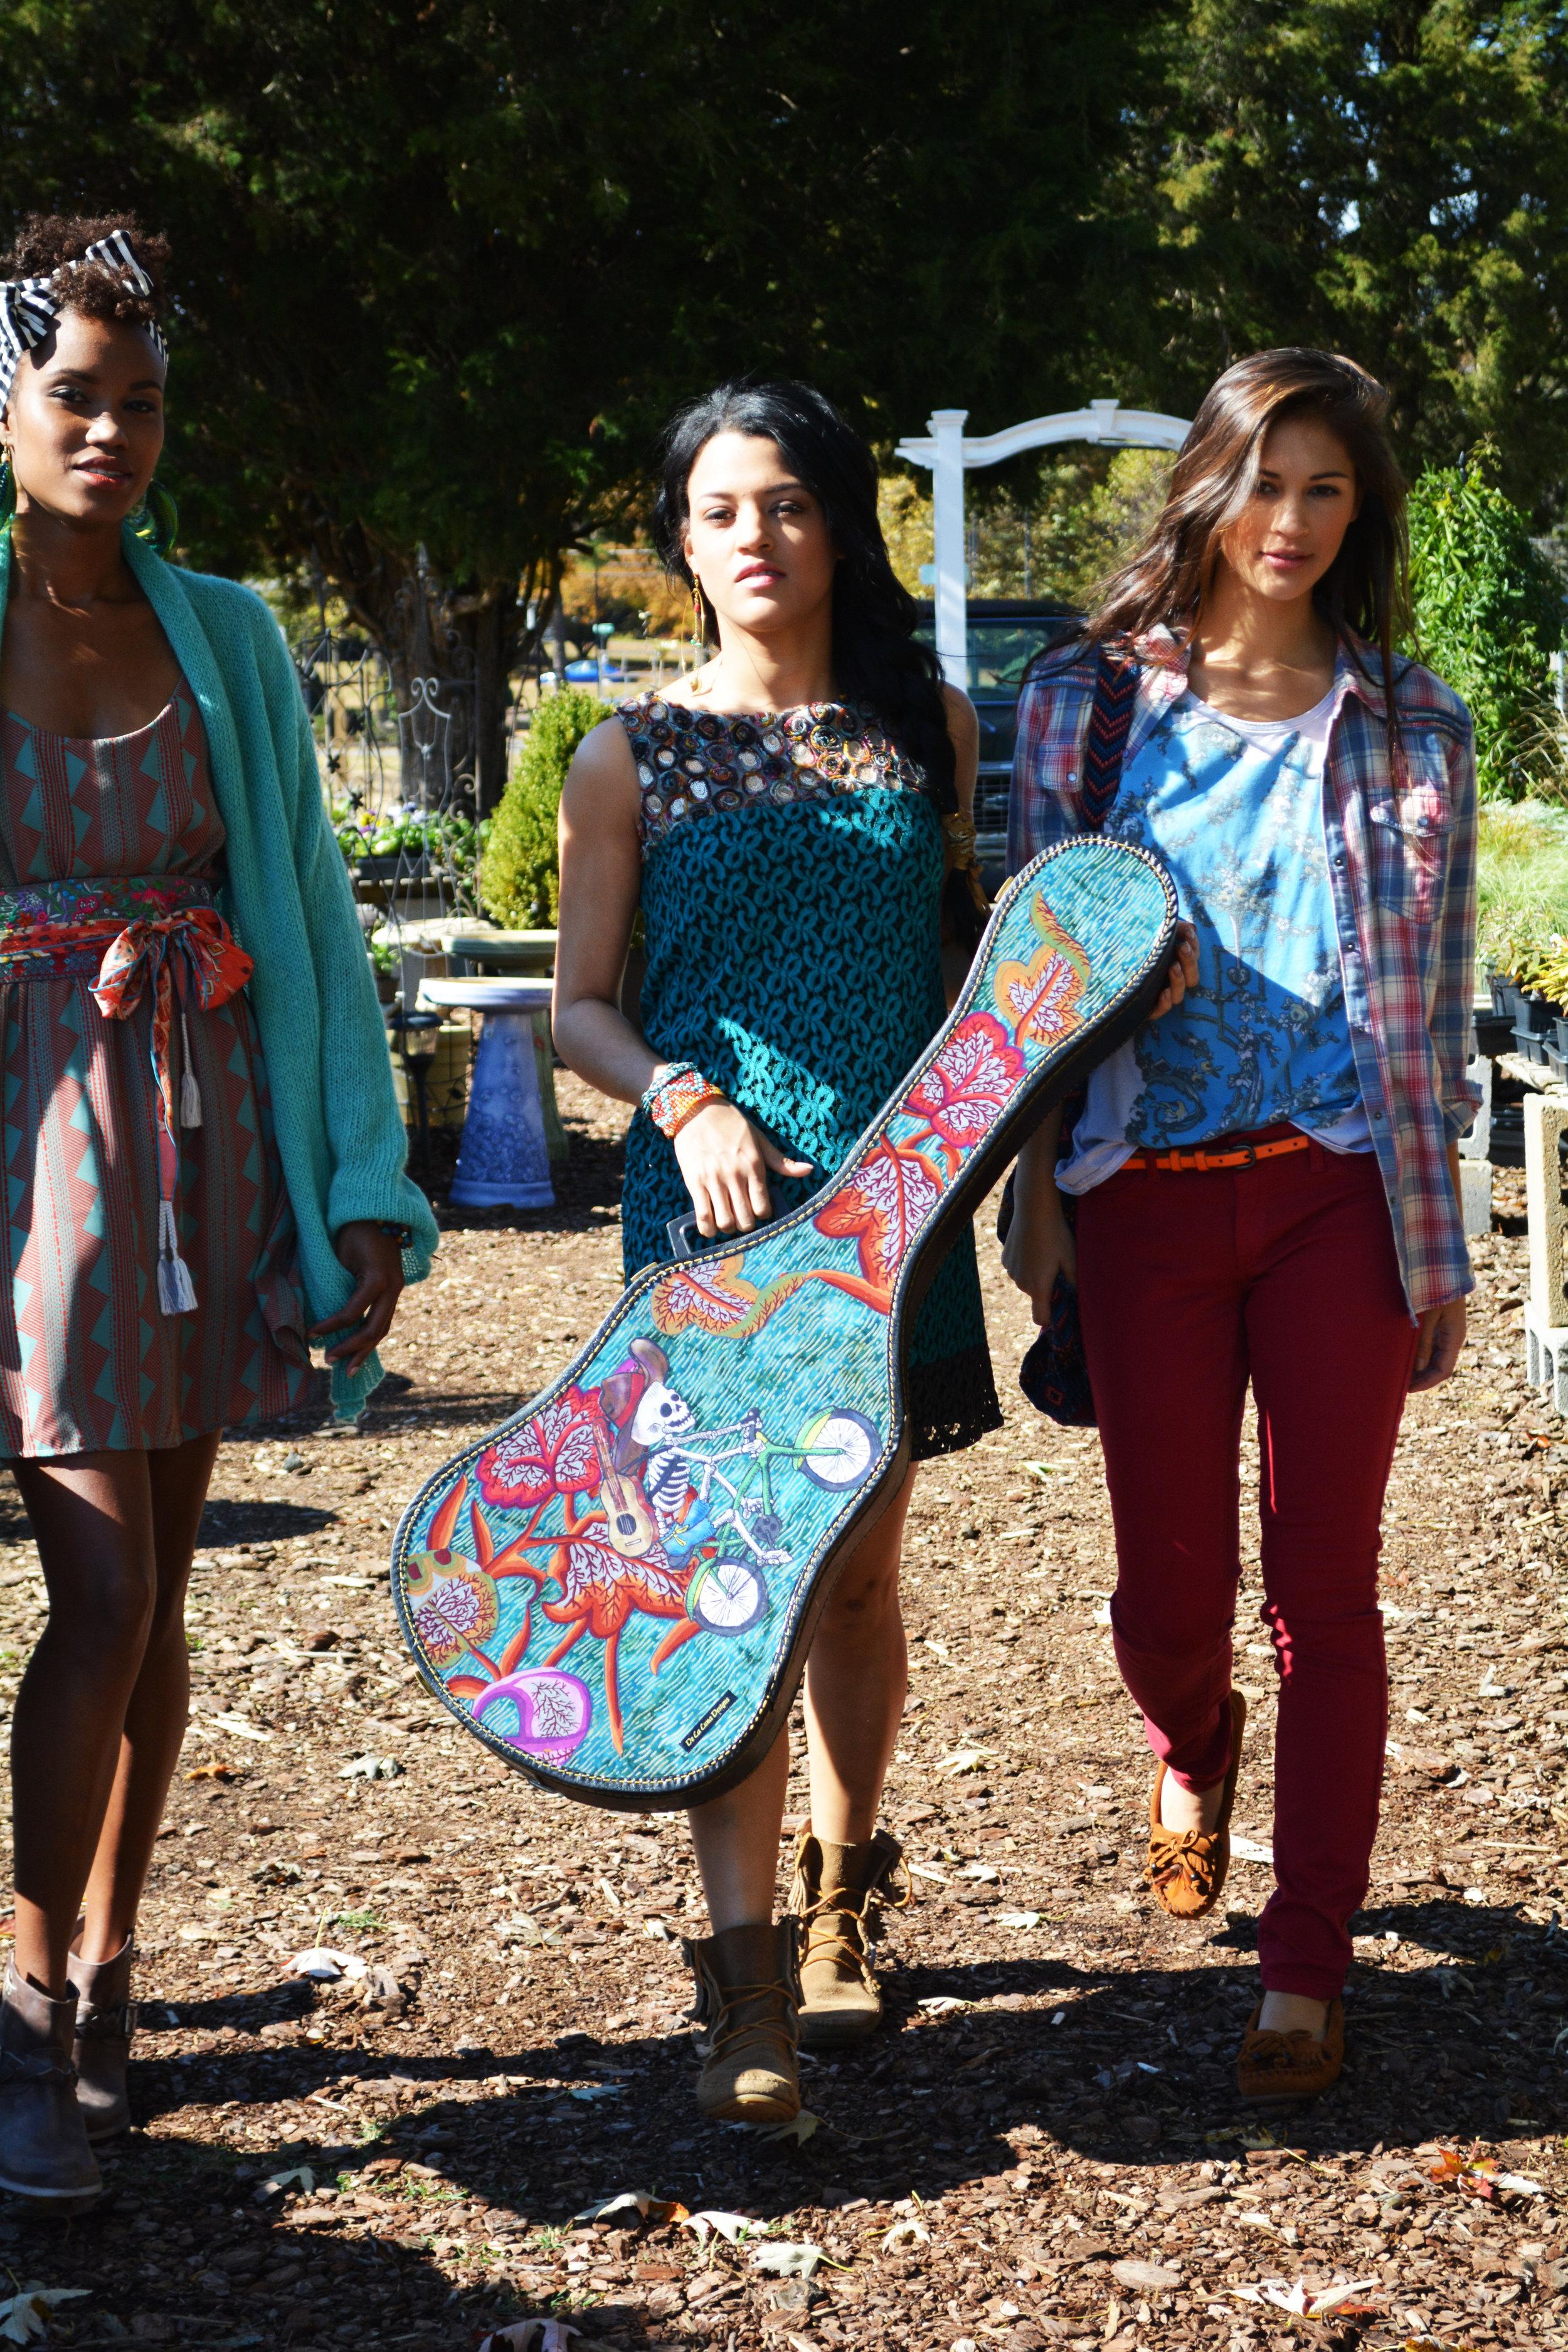 THE GIRLS 7.jpg